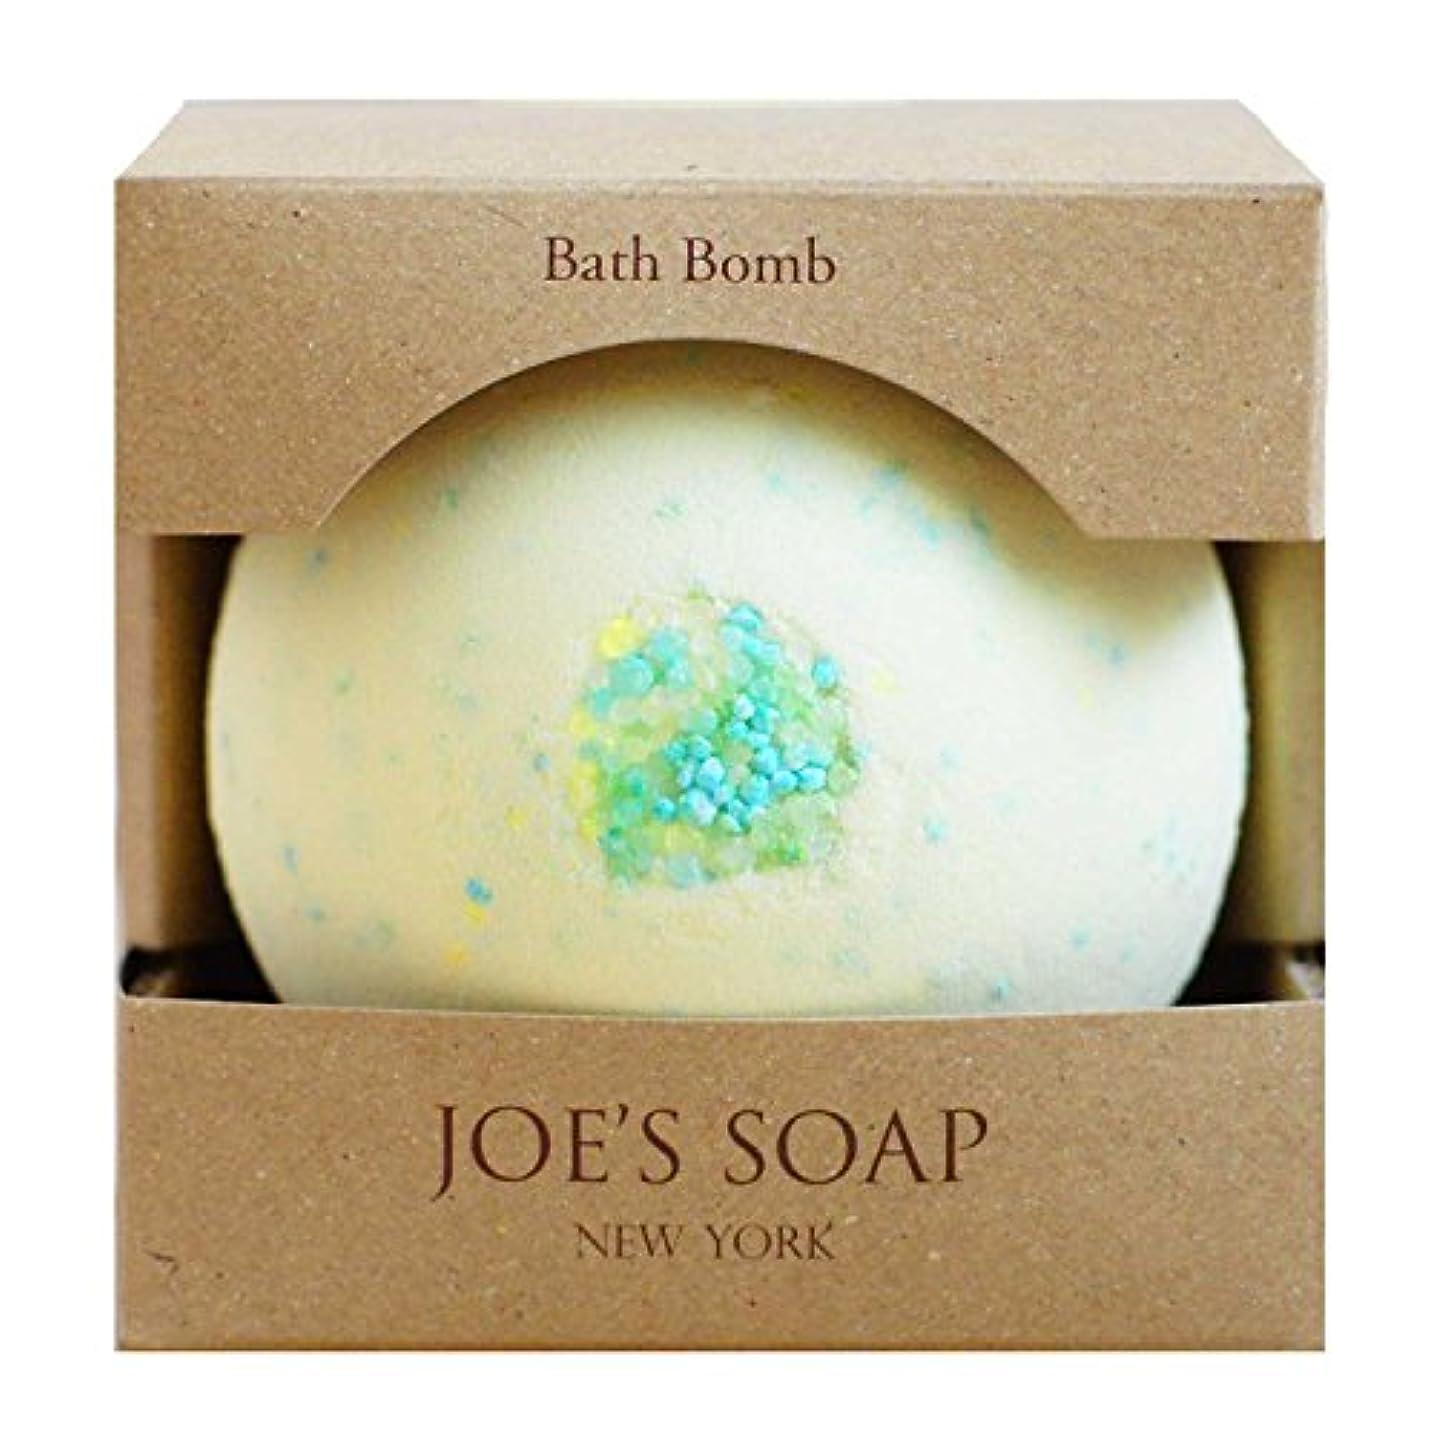 ハンディ疑問を超えて雷雨JOE'S SOAP ( ジョーズソープ ) バスボム(LEMON TEA) バスボール 入浴剤 保湿 ボディケア スキンケア オリーブオイル はちみつ フト プレゼント